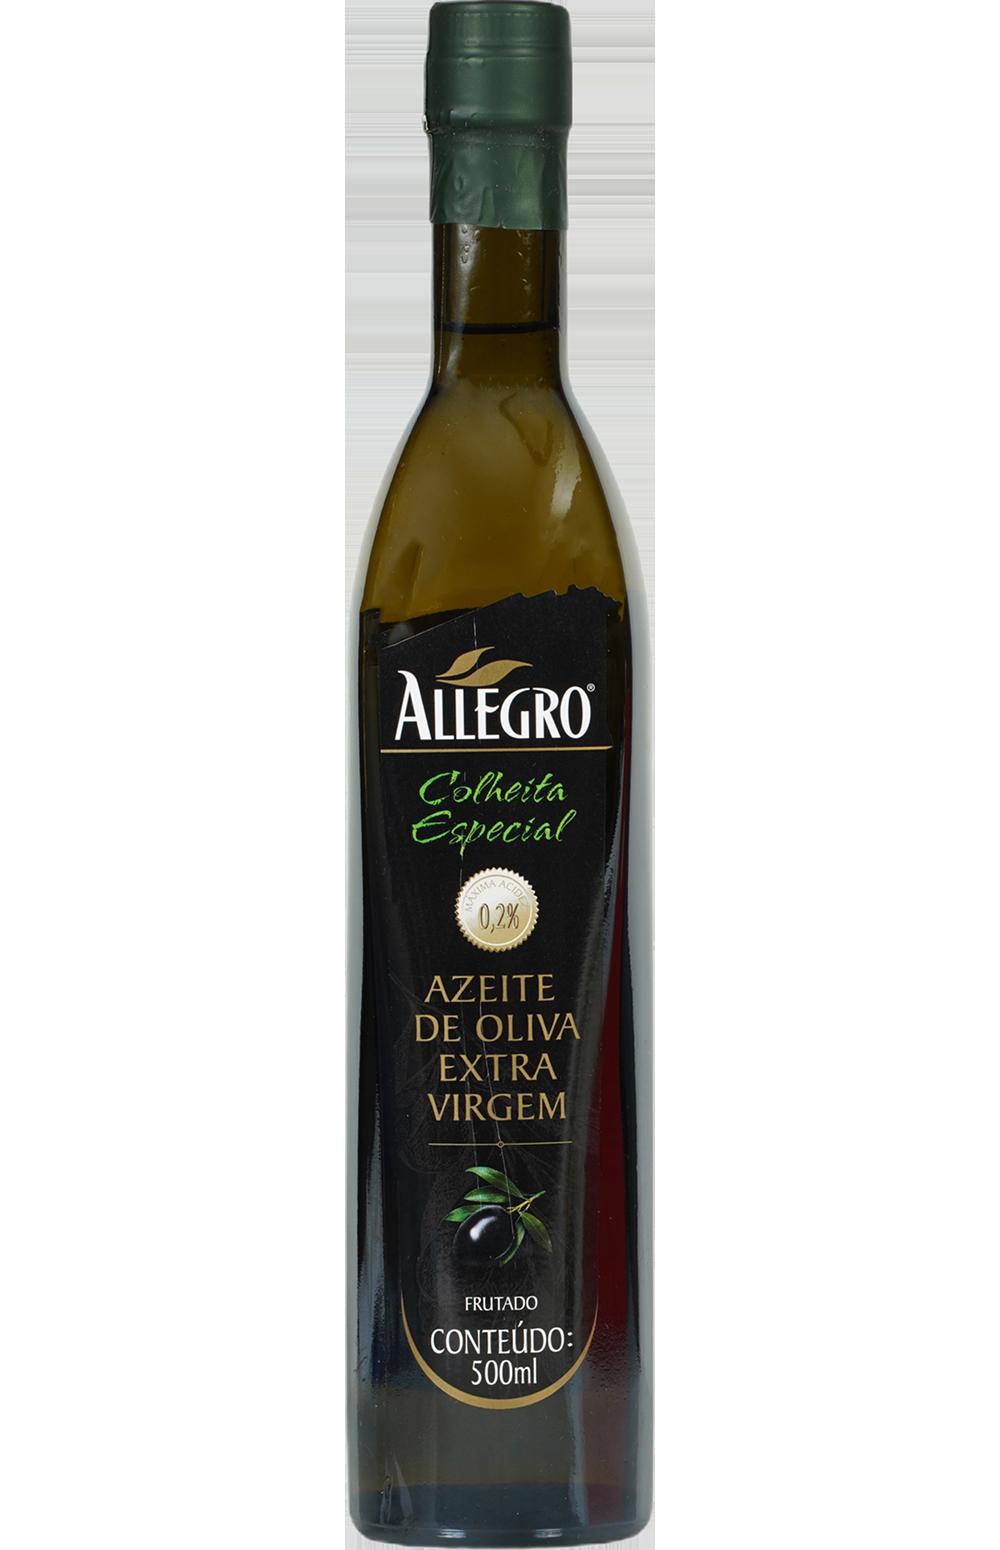 Allegro Colheita Especial